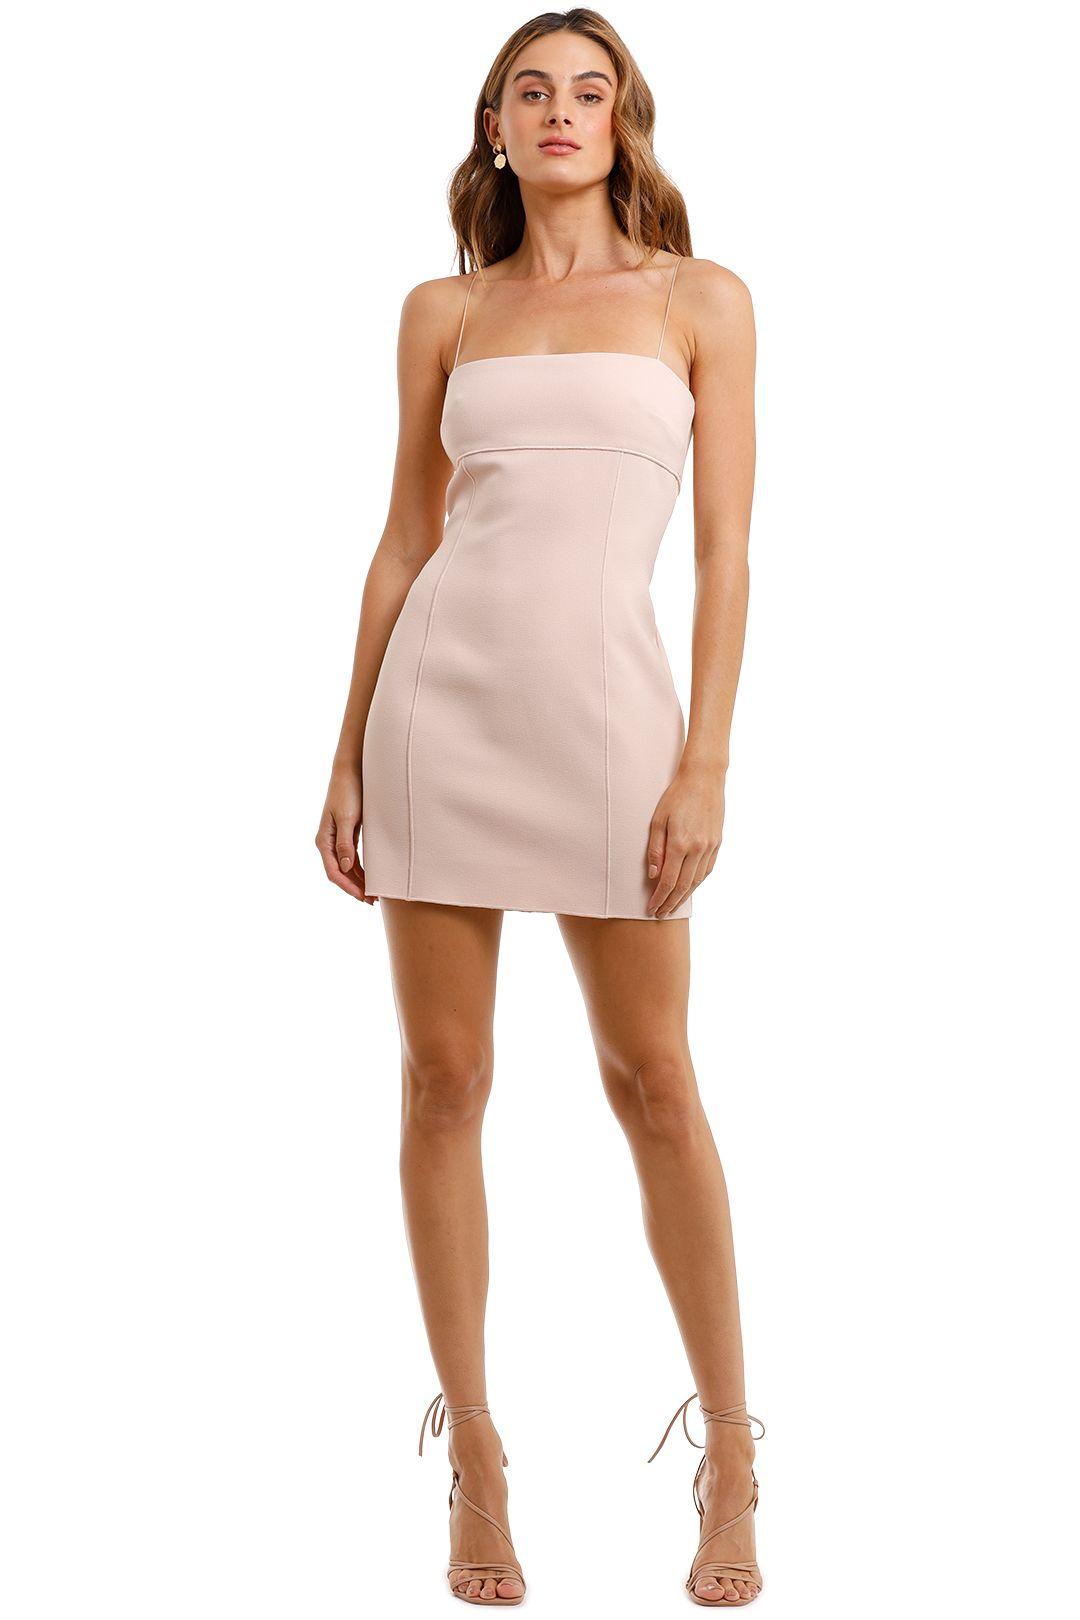 Bec and Bridge Pearl Pink Mini Dress pastel